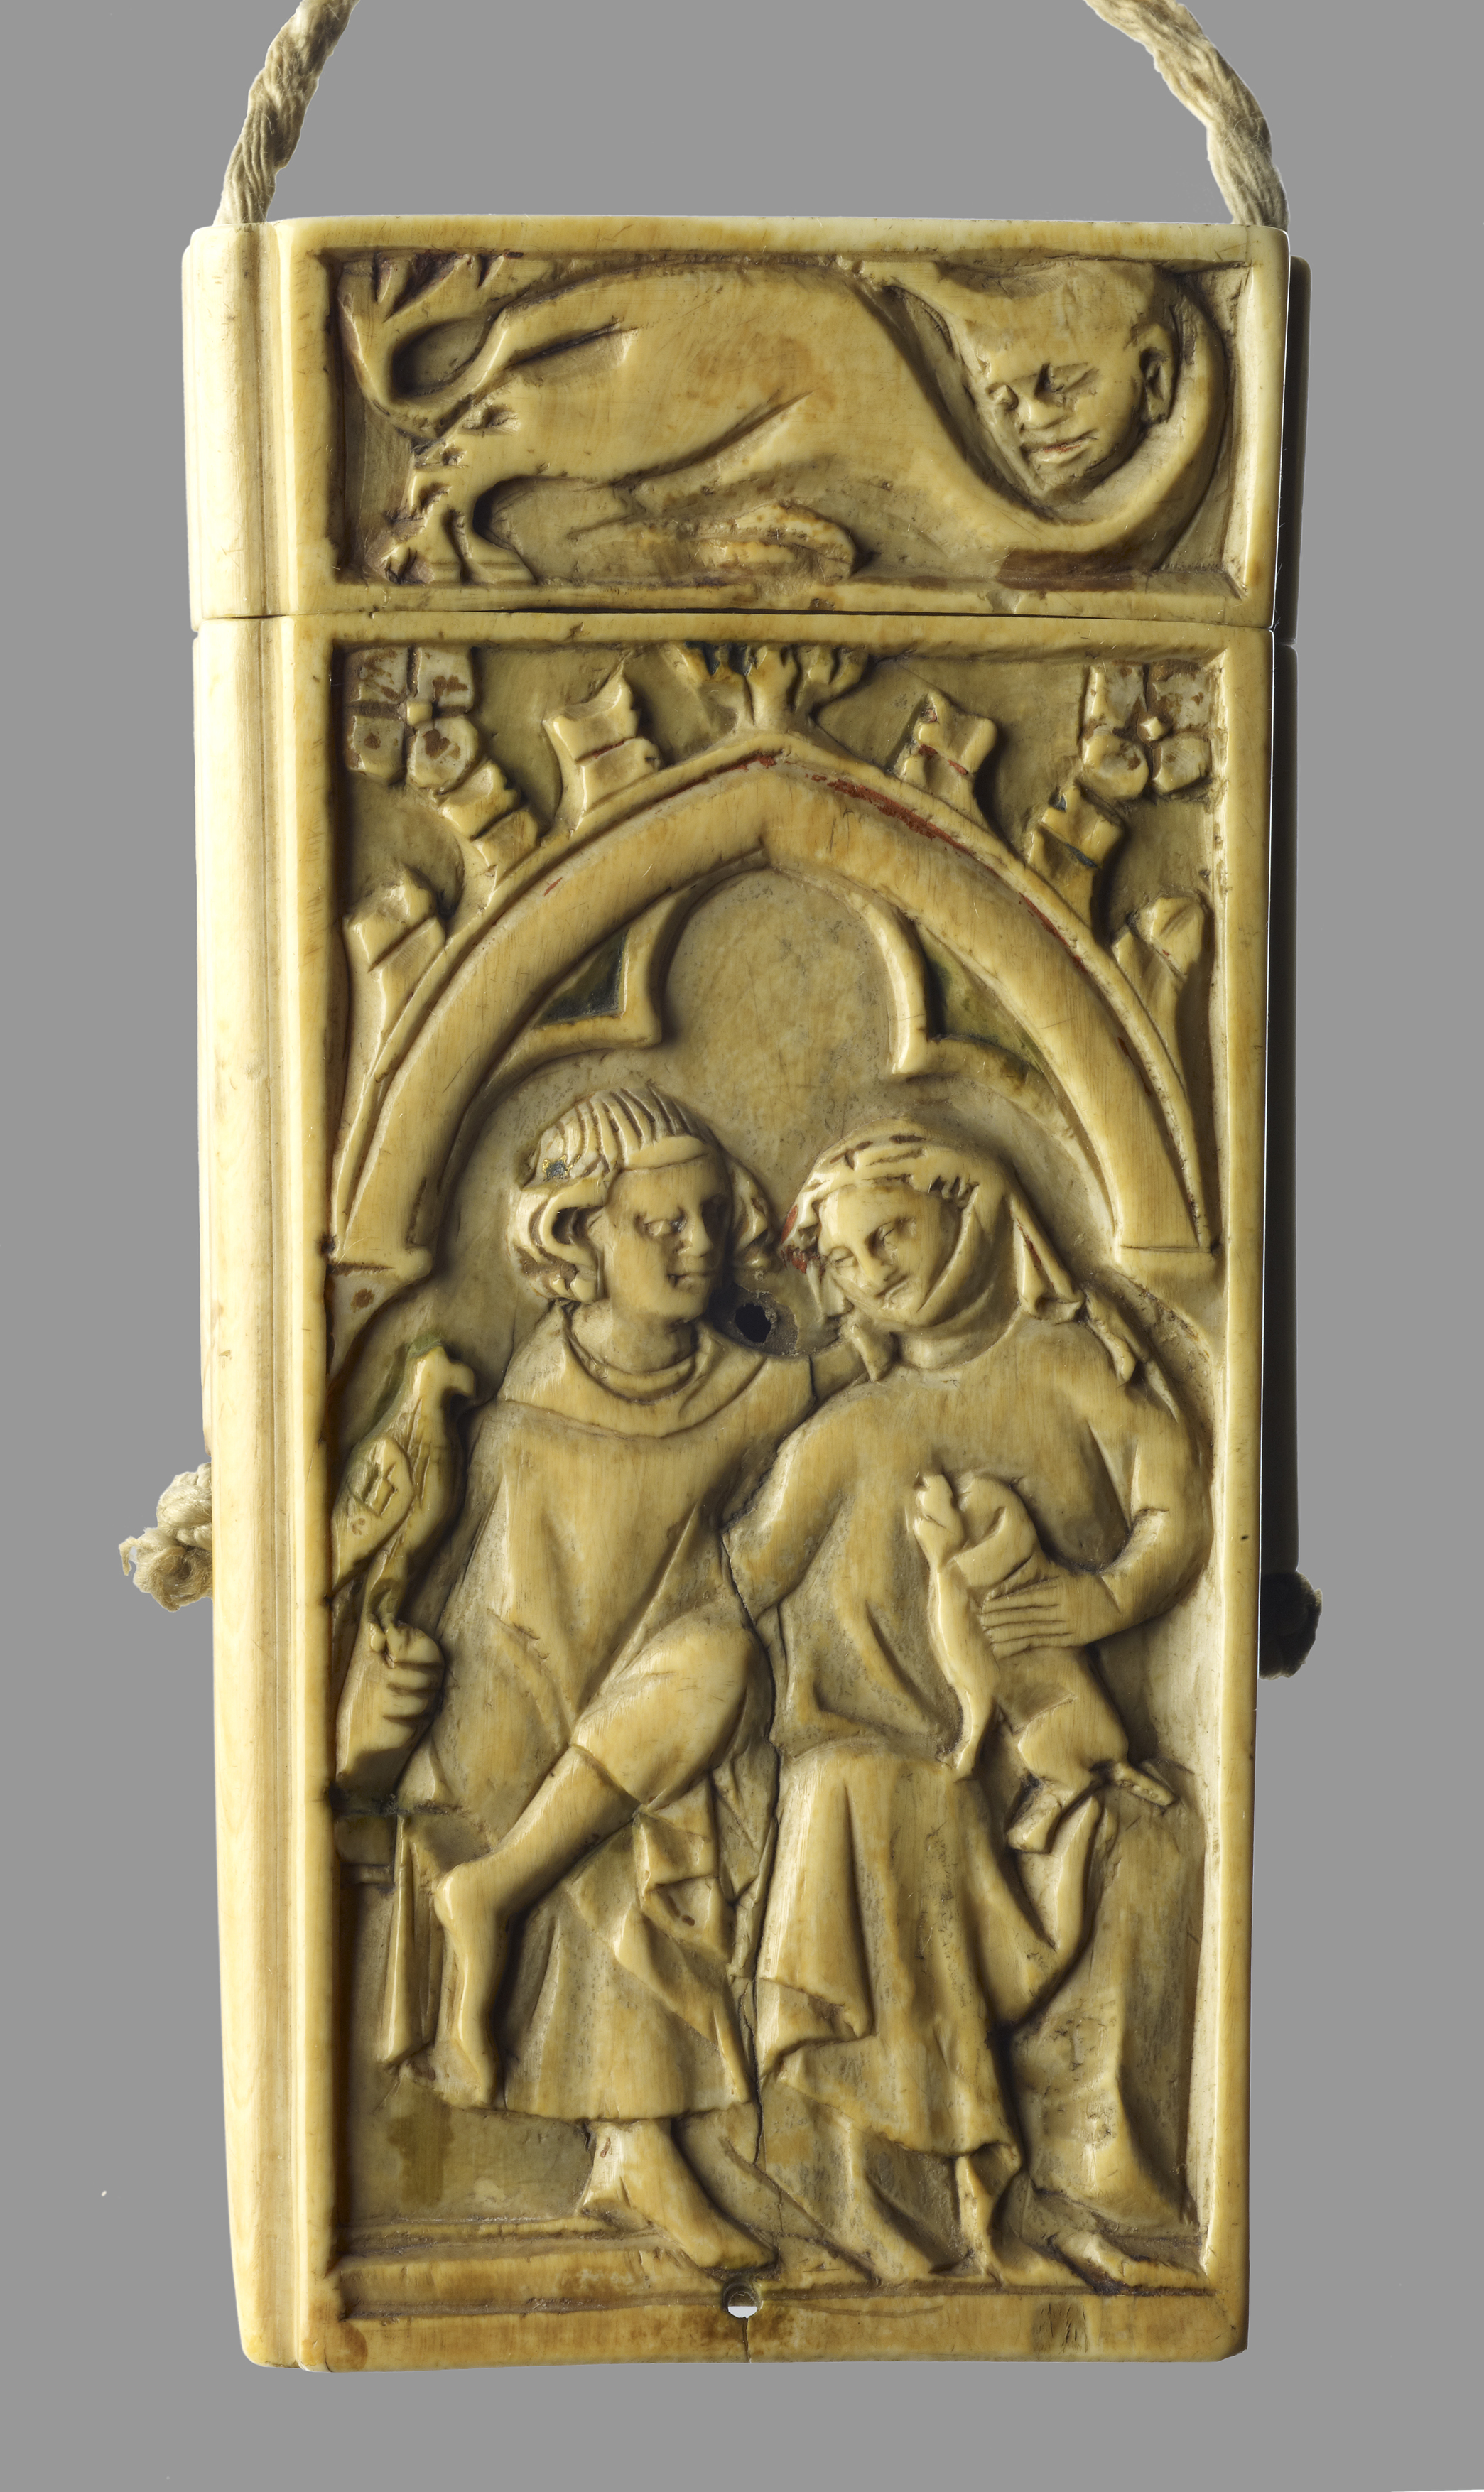 Châteaux forts et chevaliers,  Genève et la Savoie au XIVe siècle